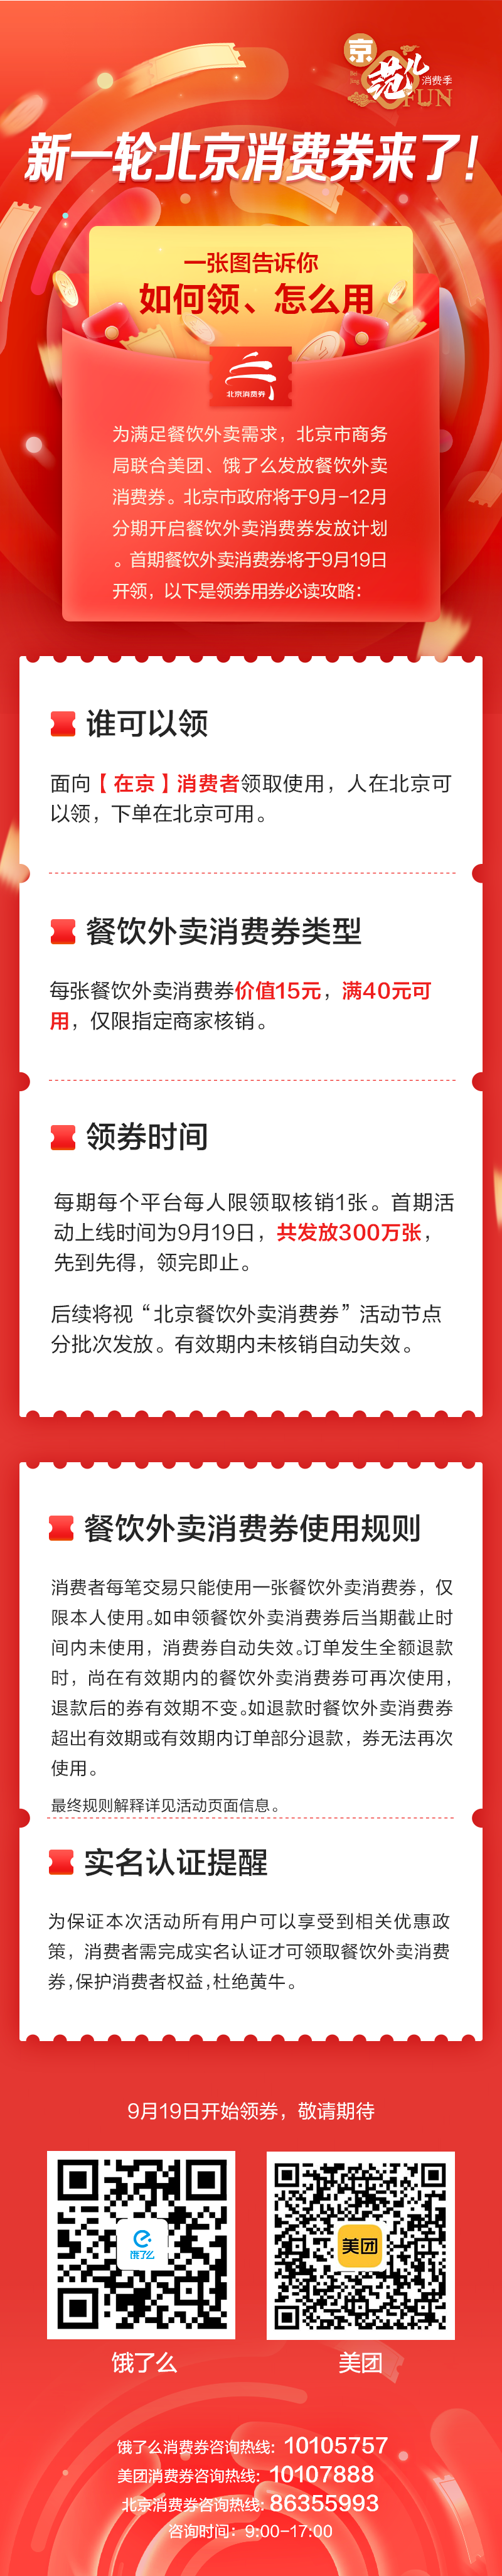 北京餐飲外賣消費券來了,今天10點發首批300萬張圖片